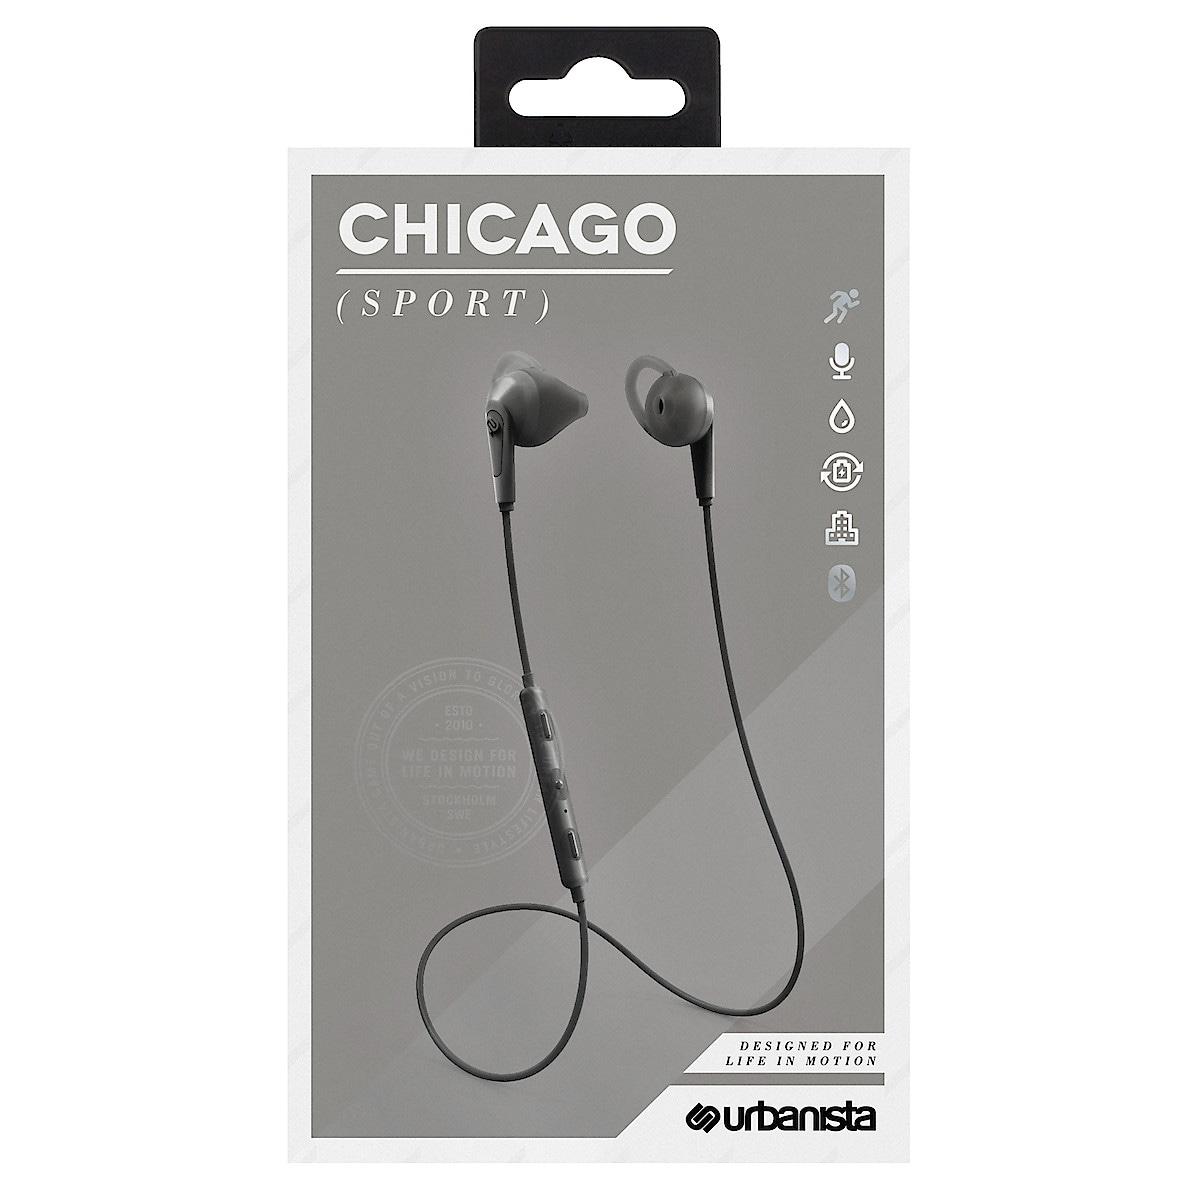 Trådlösa hörlurar med mikrofon, Urbanista Chicago